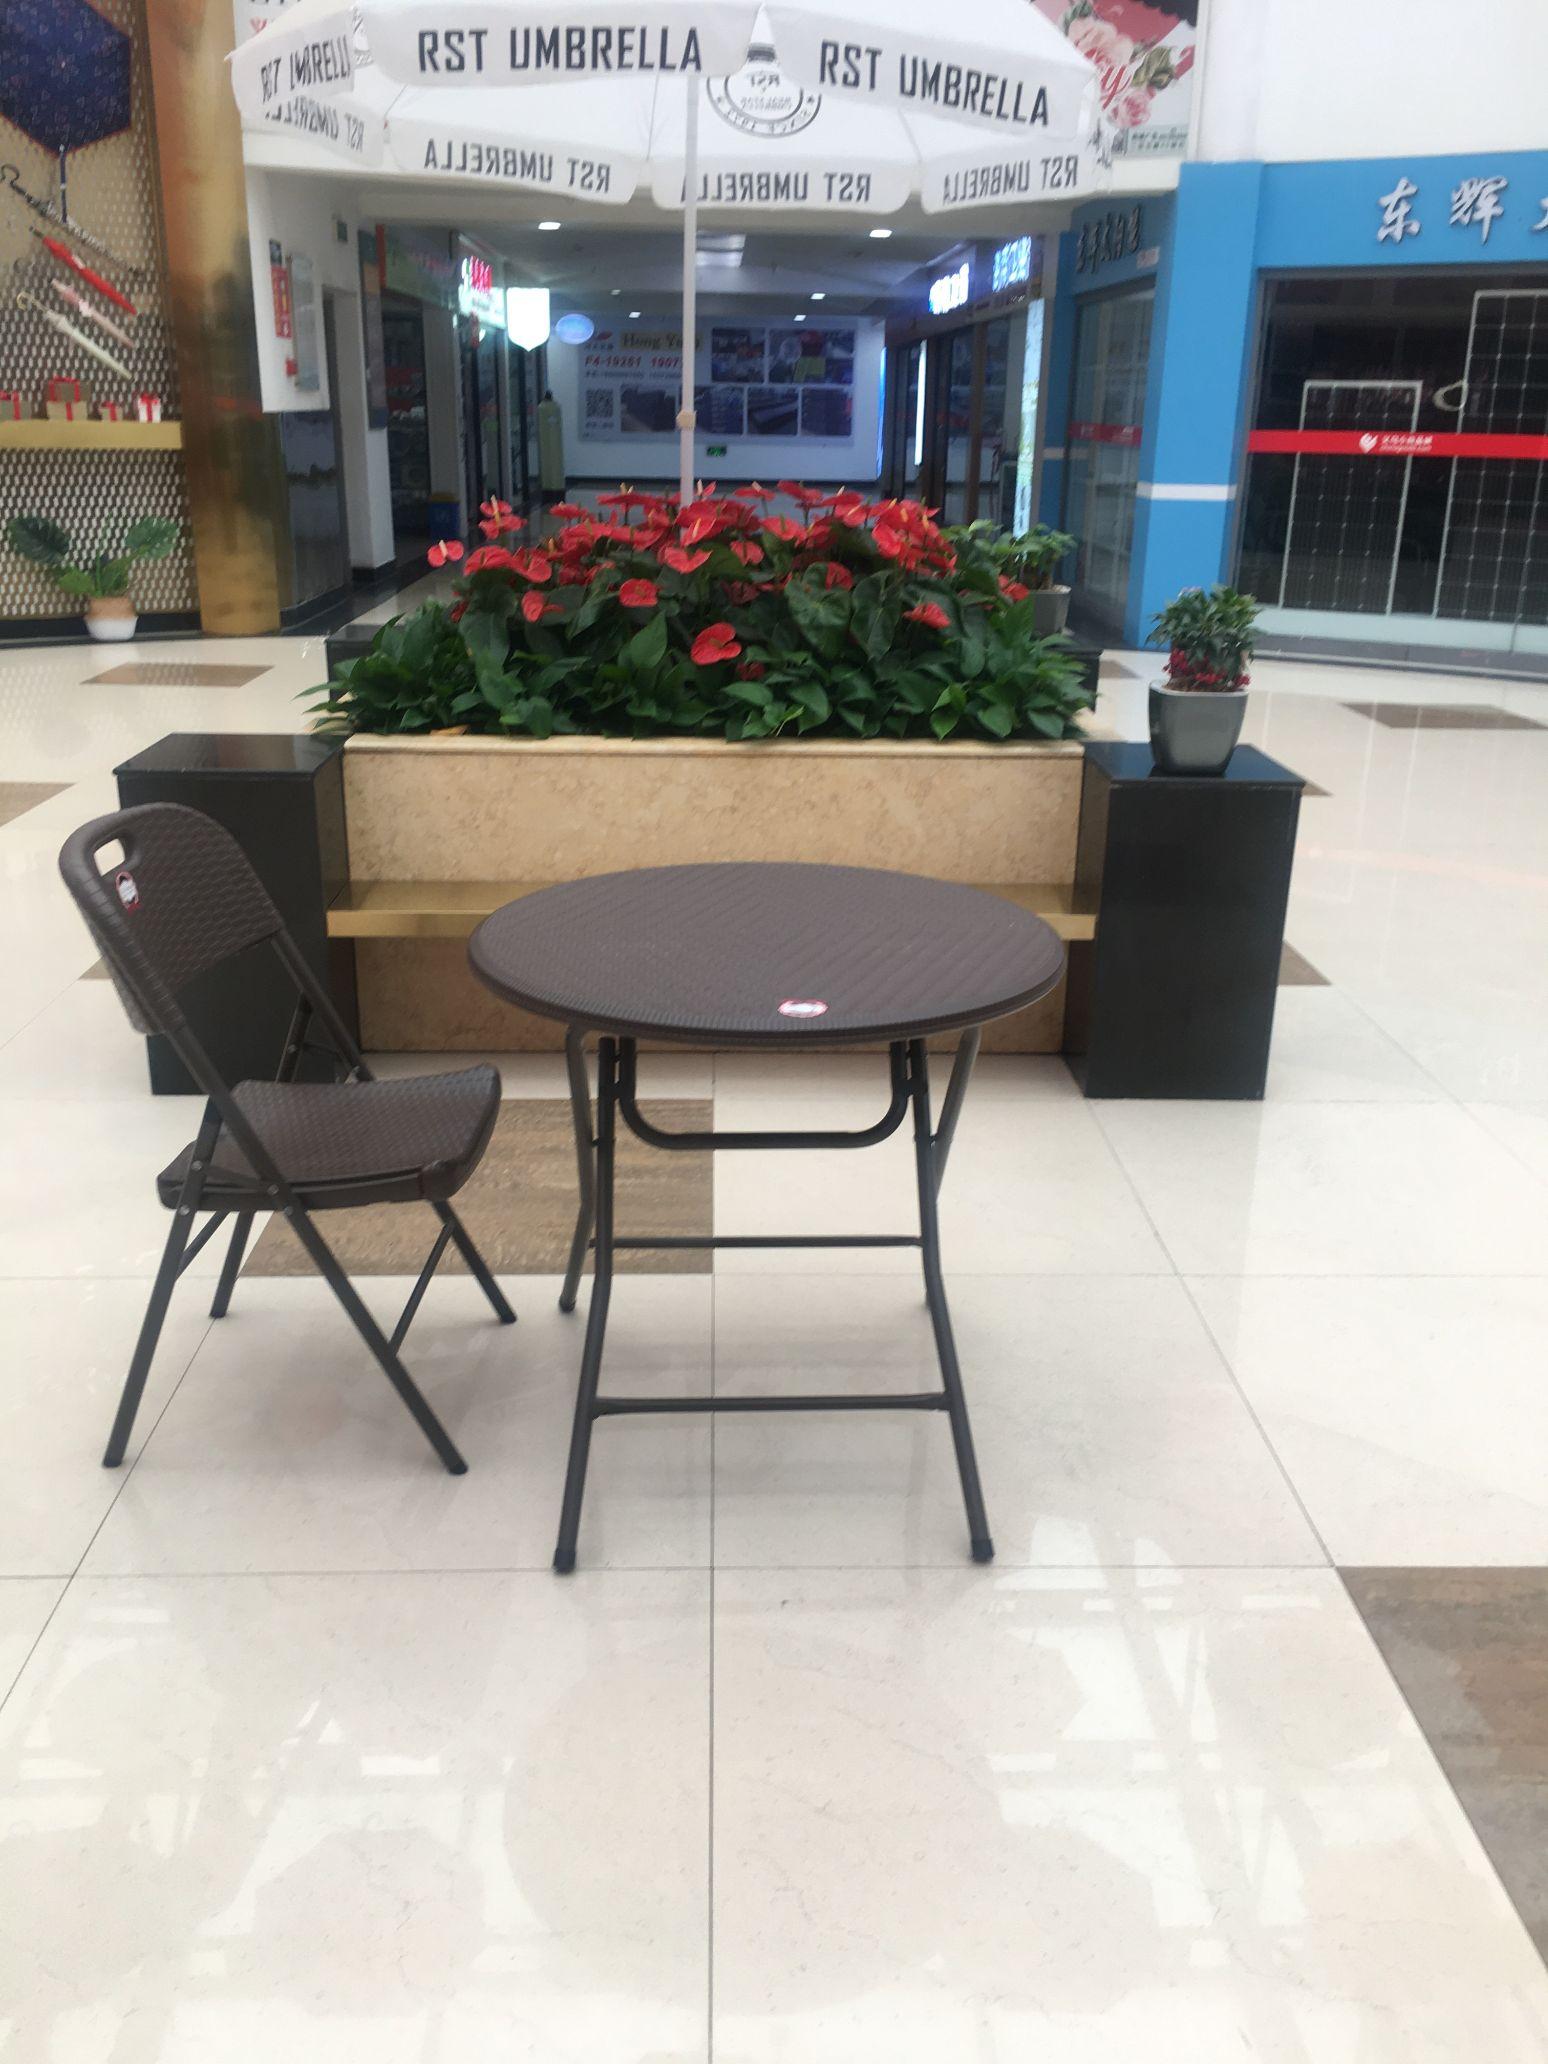 折叠桌子简约便携式摆摊桌会议桌餐桌家用圆桌阳台仿藤休闲桌